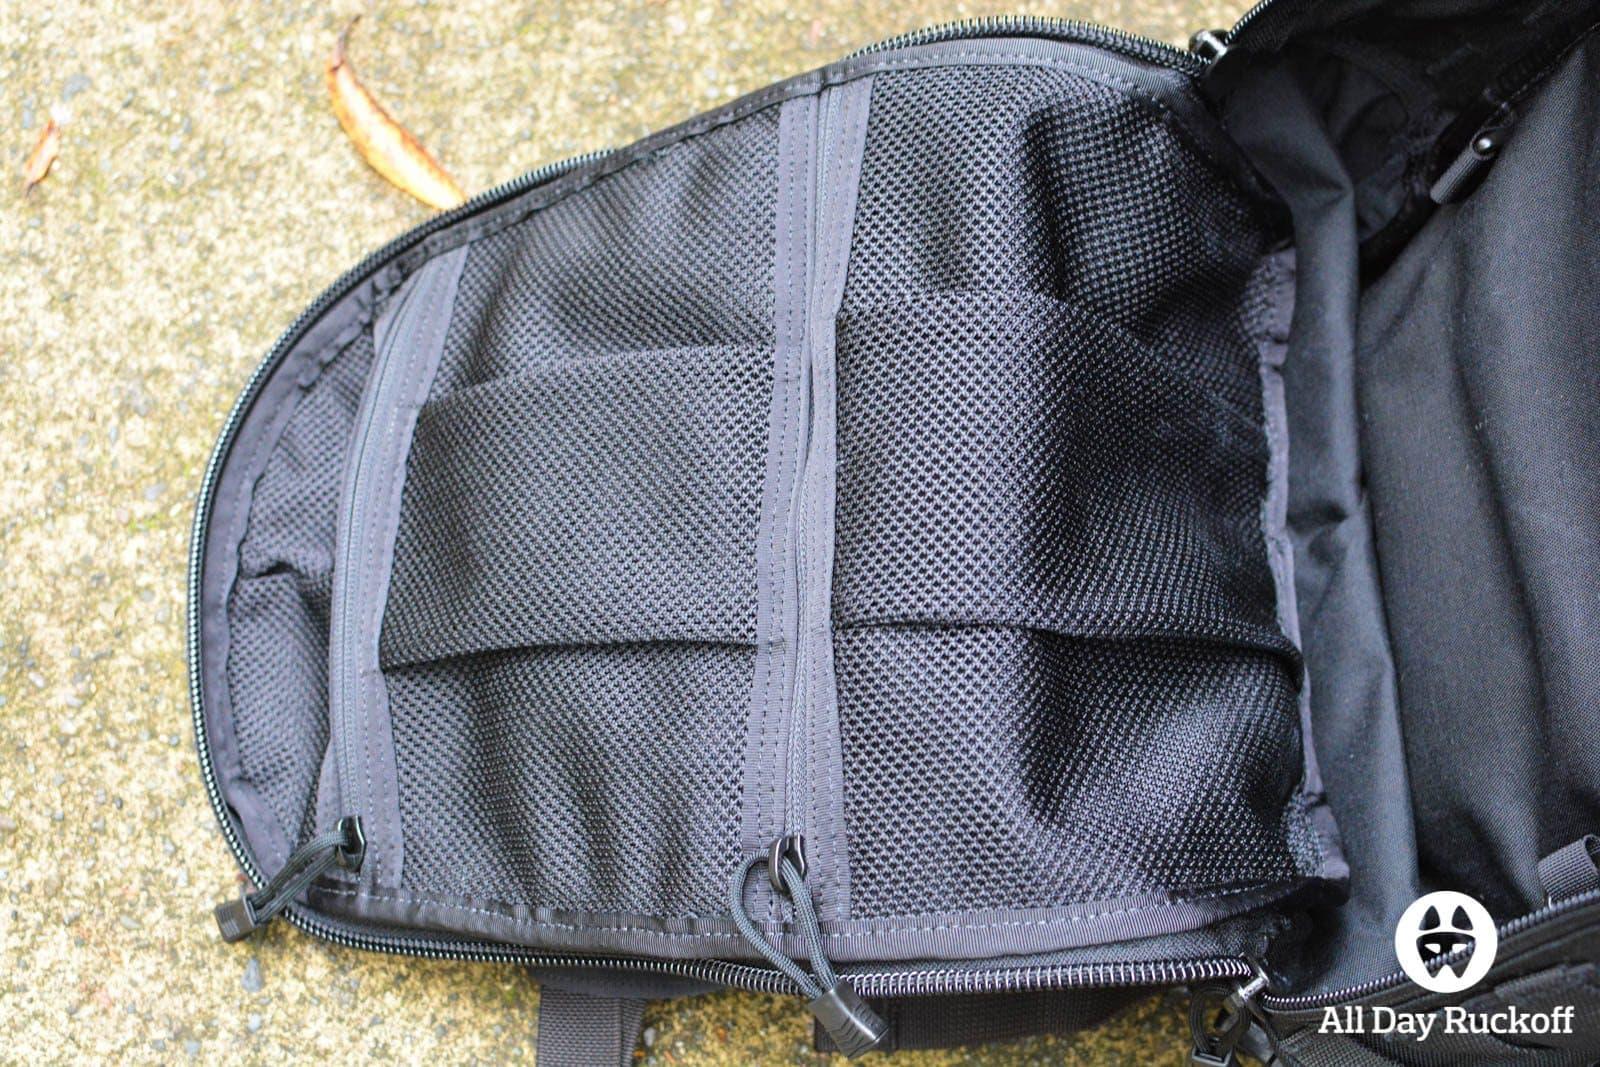 TAD Litespeed V2 - Inside Pockets